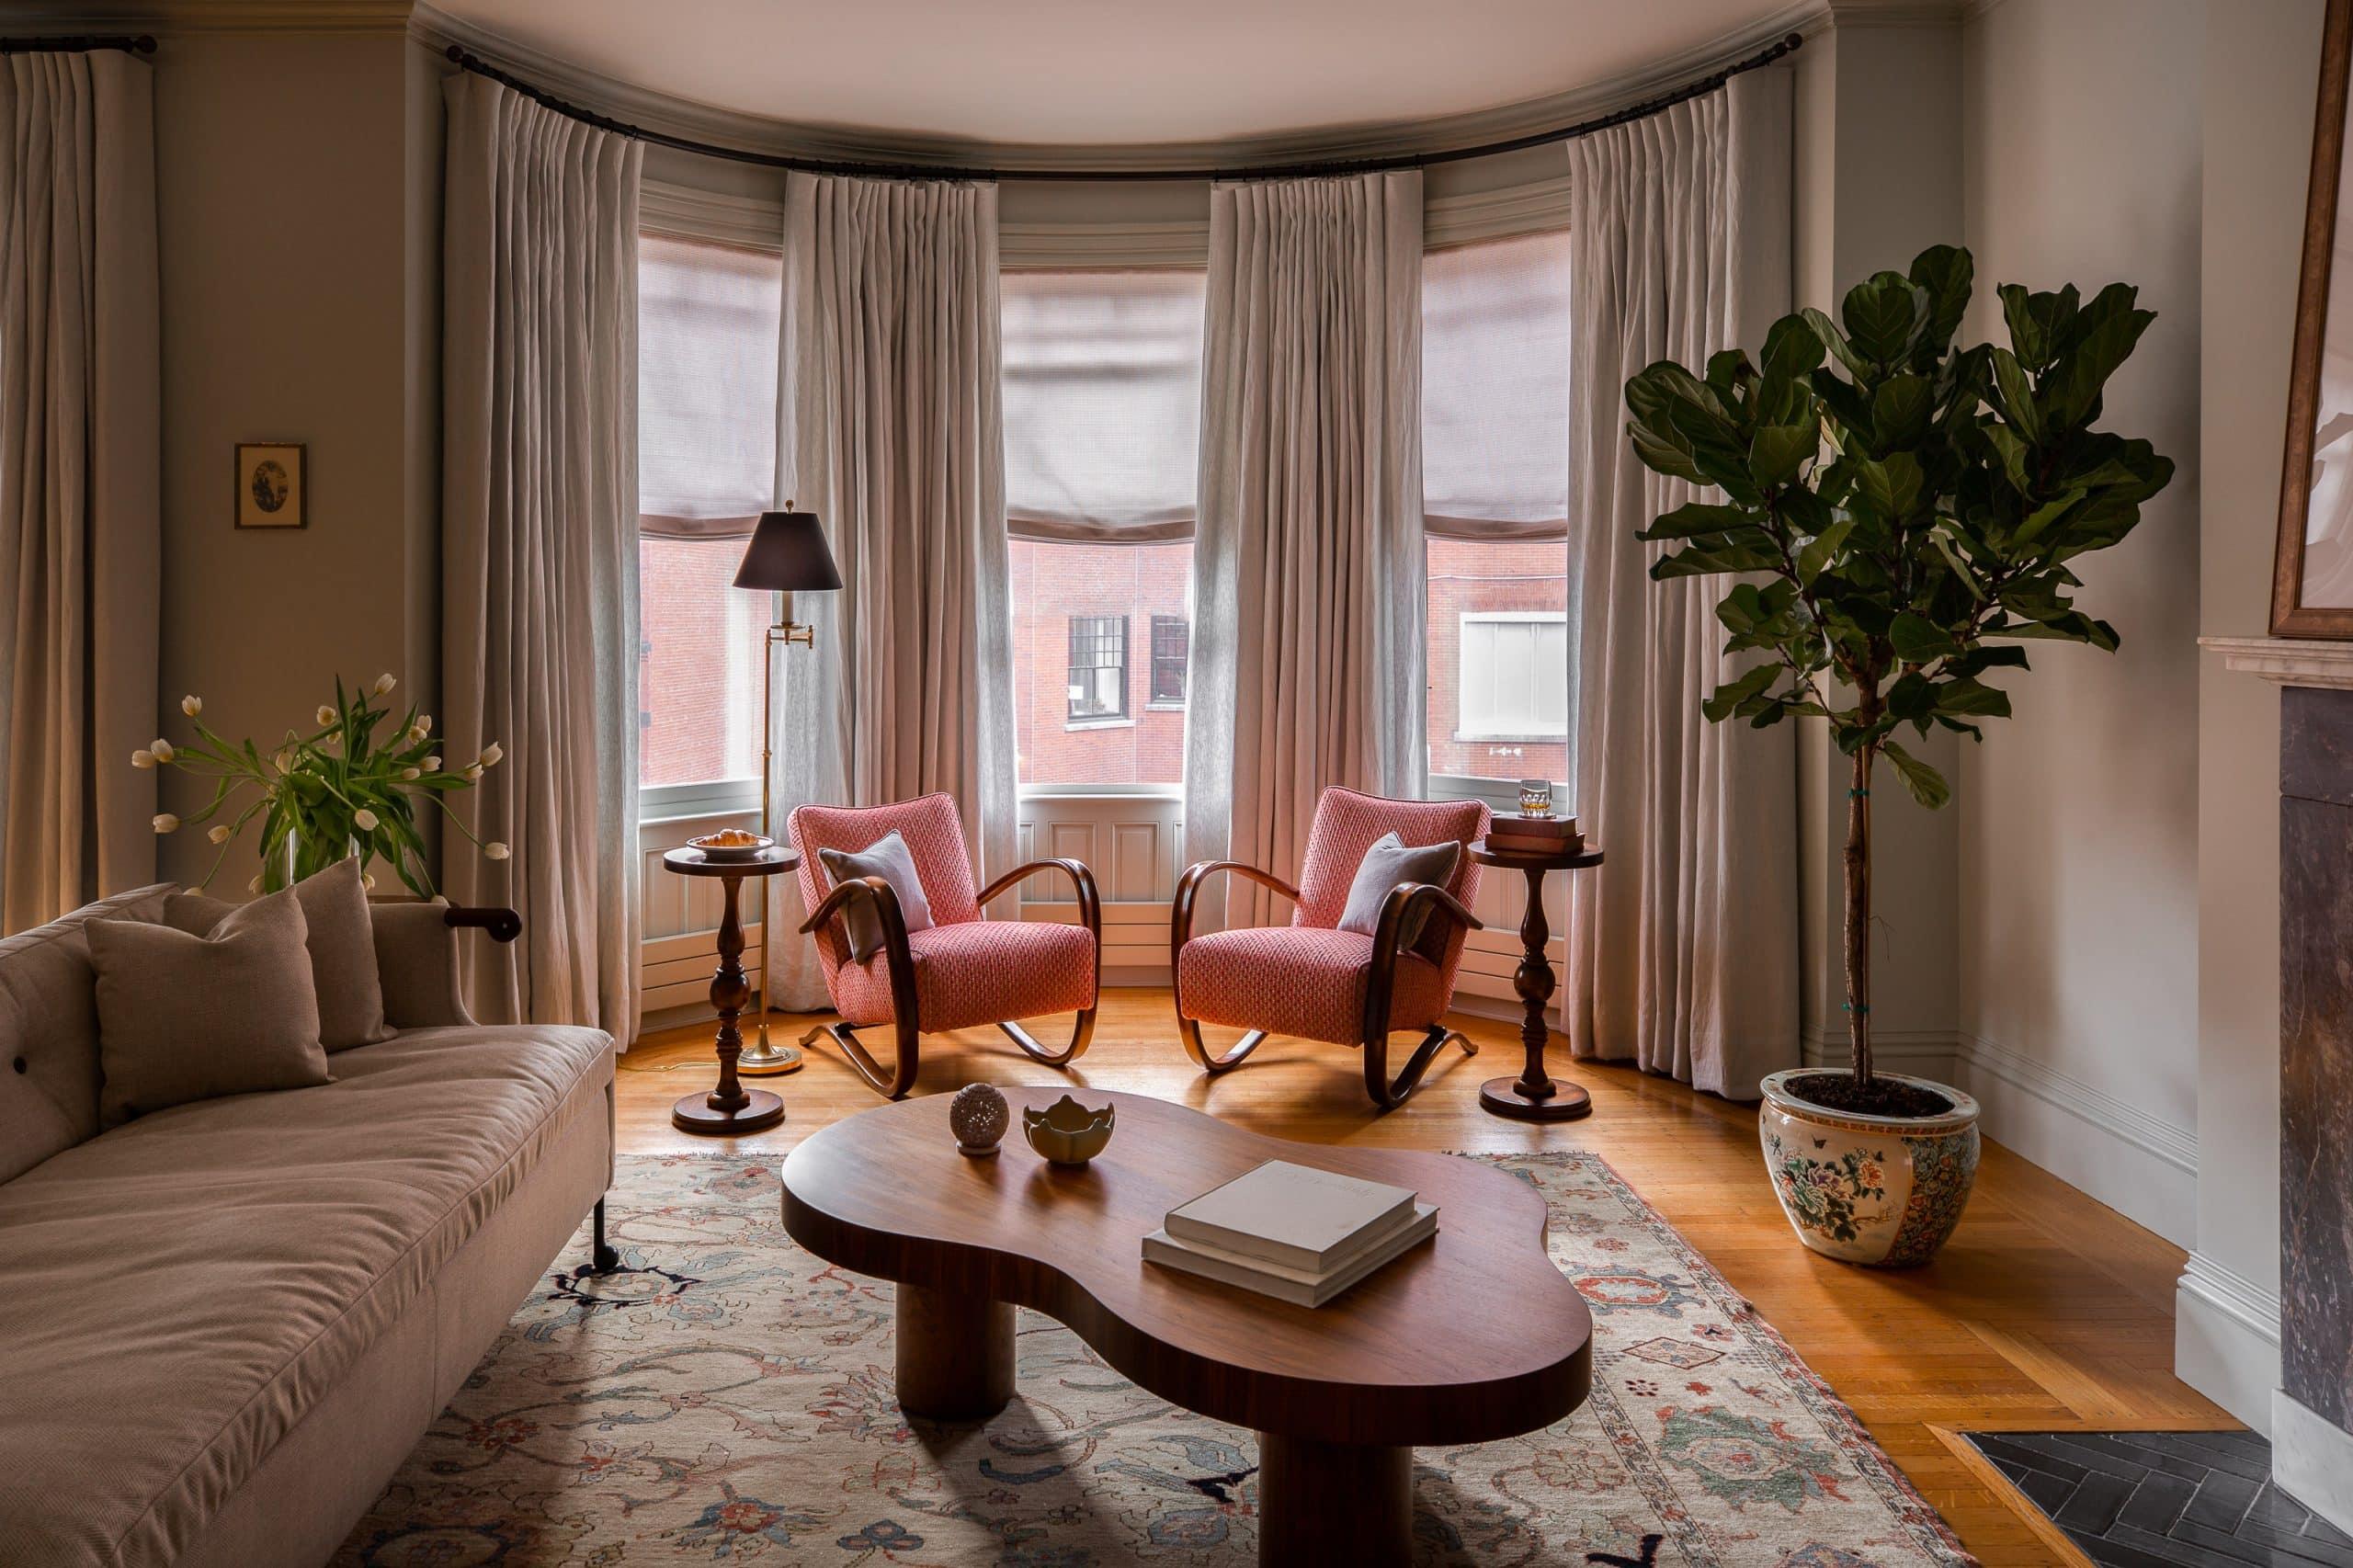 Jae Joo Boston living room